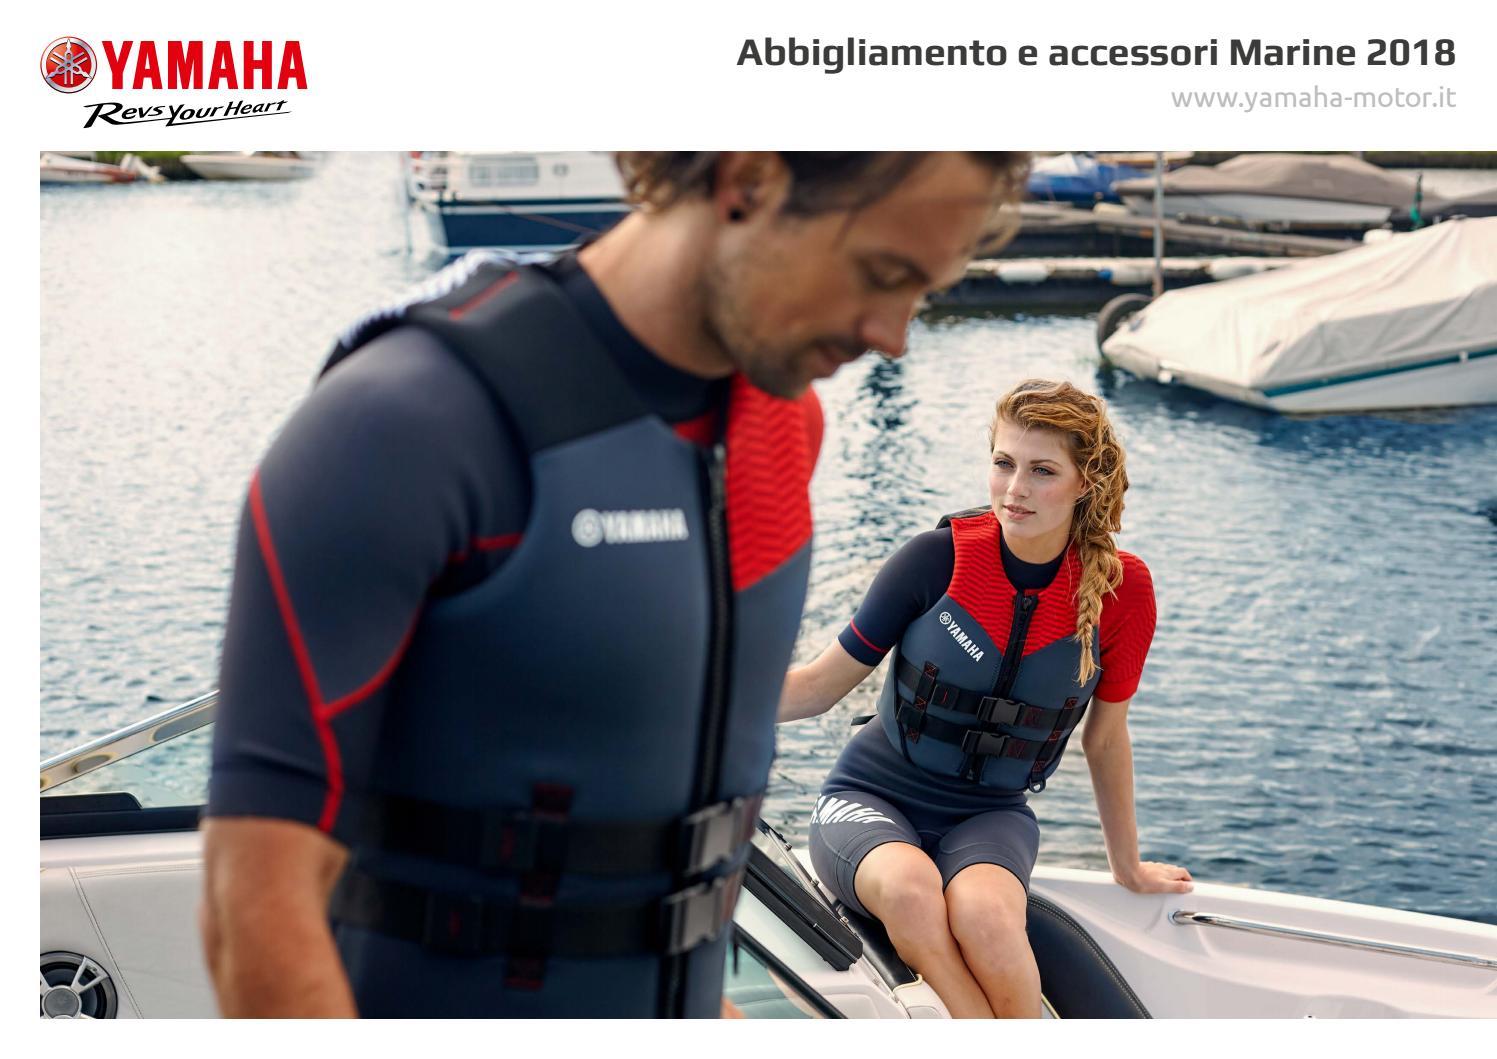 Catalogo accessori e abbigliamento marine 2018 by Yamaha Motor Europe N.V.  filiale Italia - issuu 80e82903214b